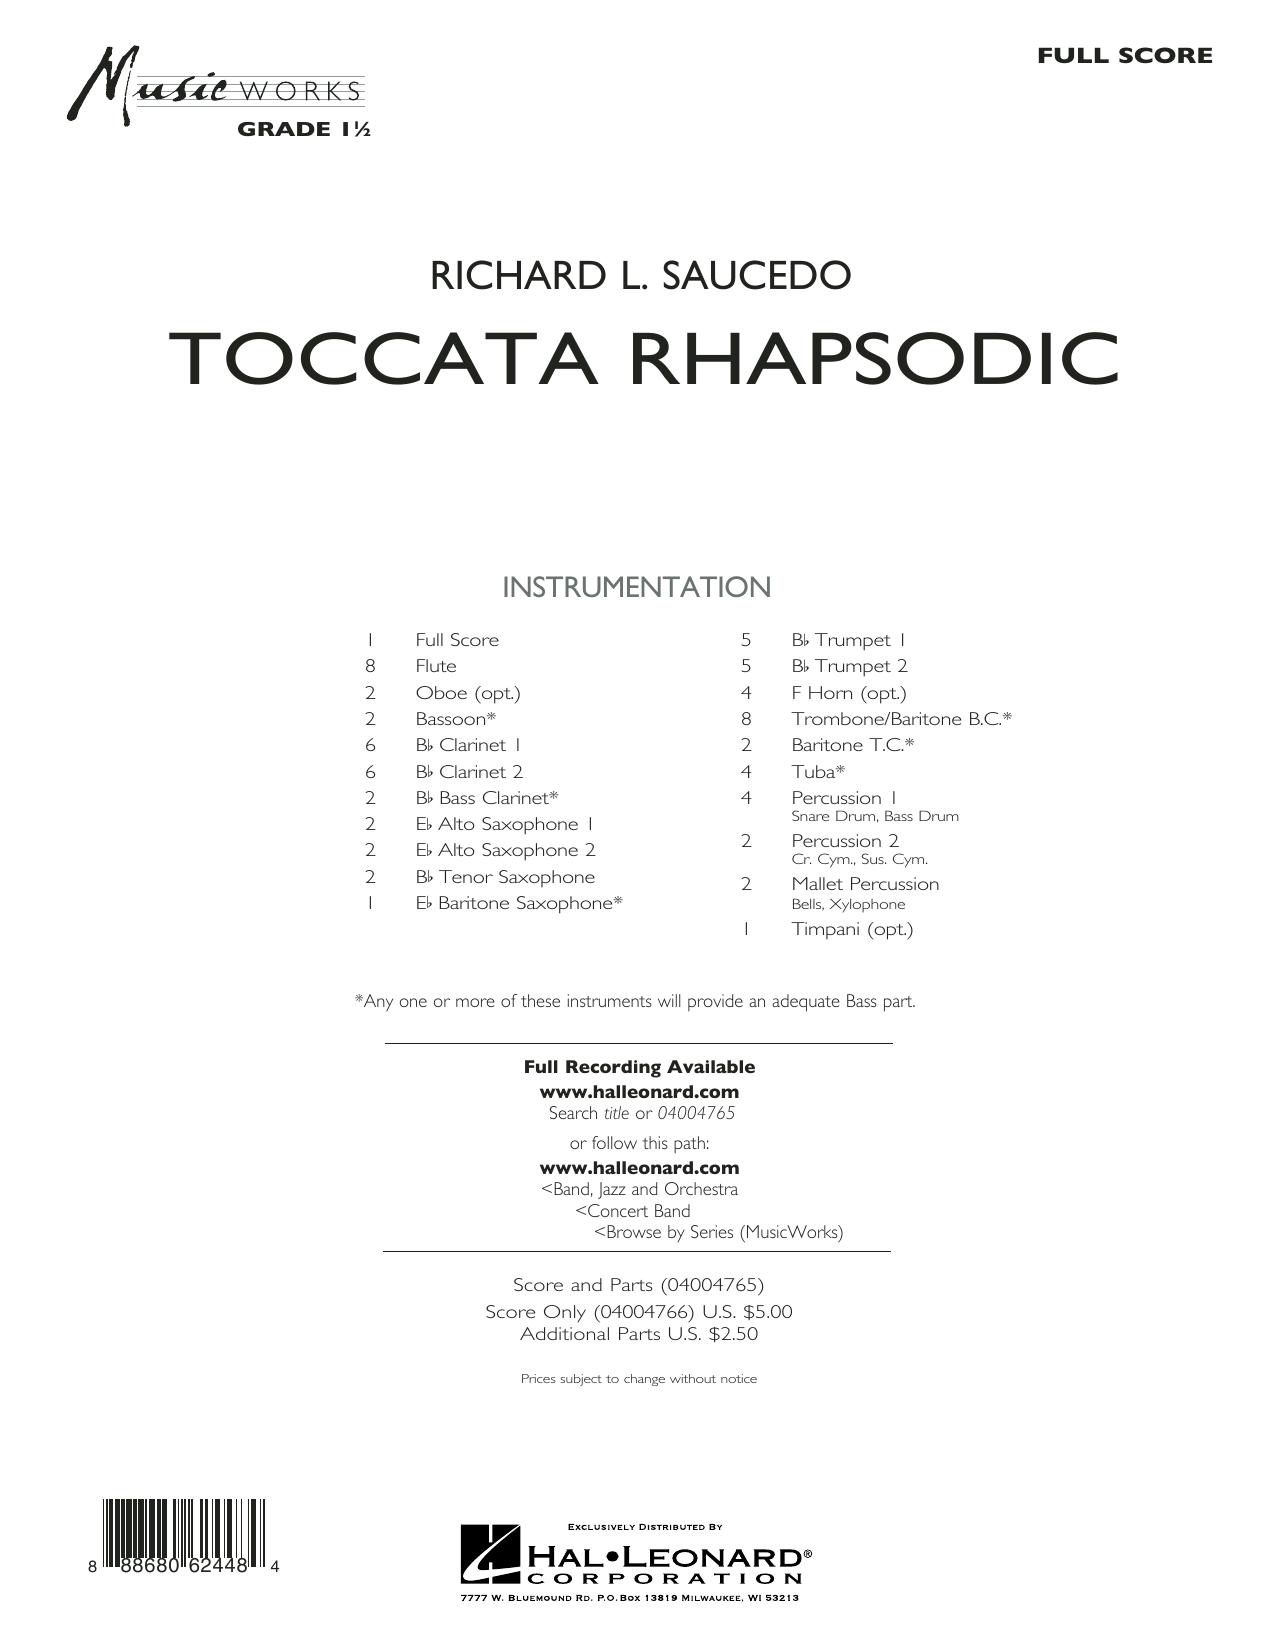 Toccata Rhapsodic - Conductor Score (Full Score)